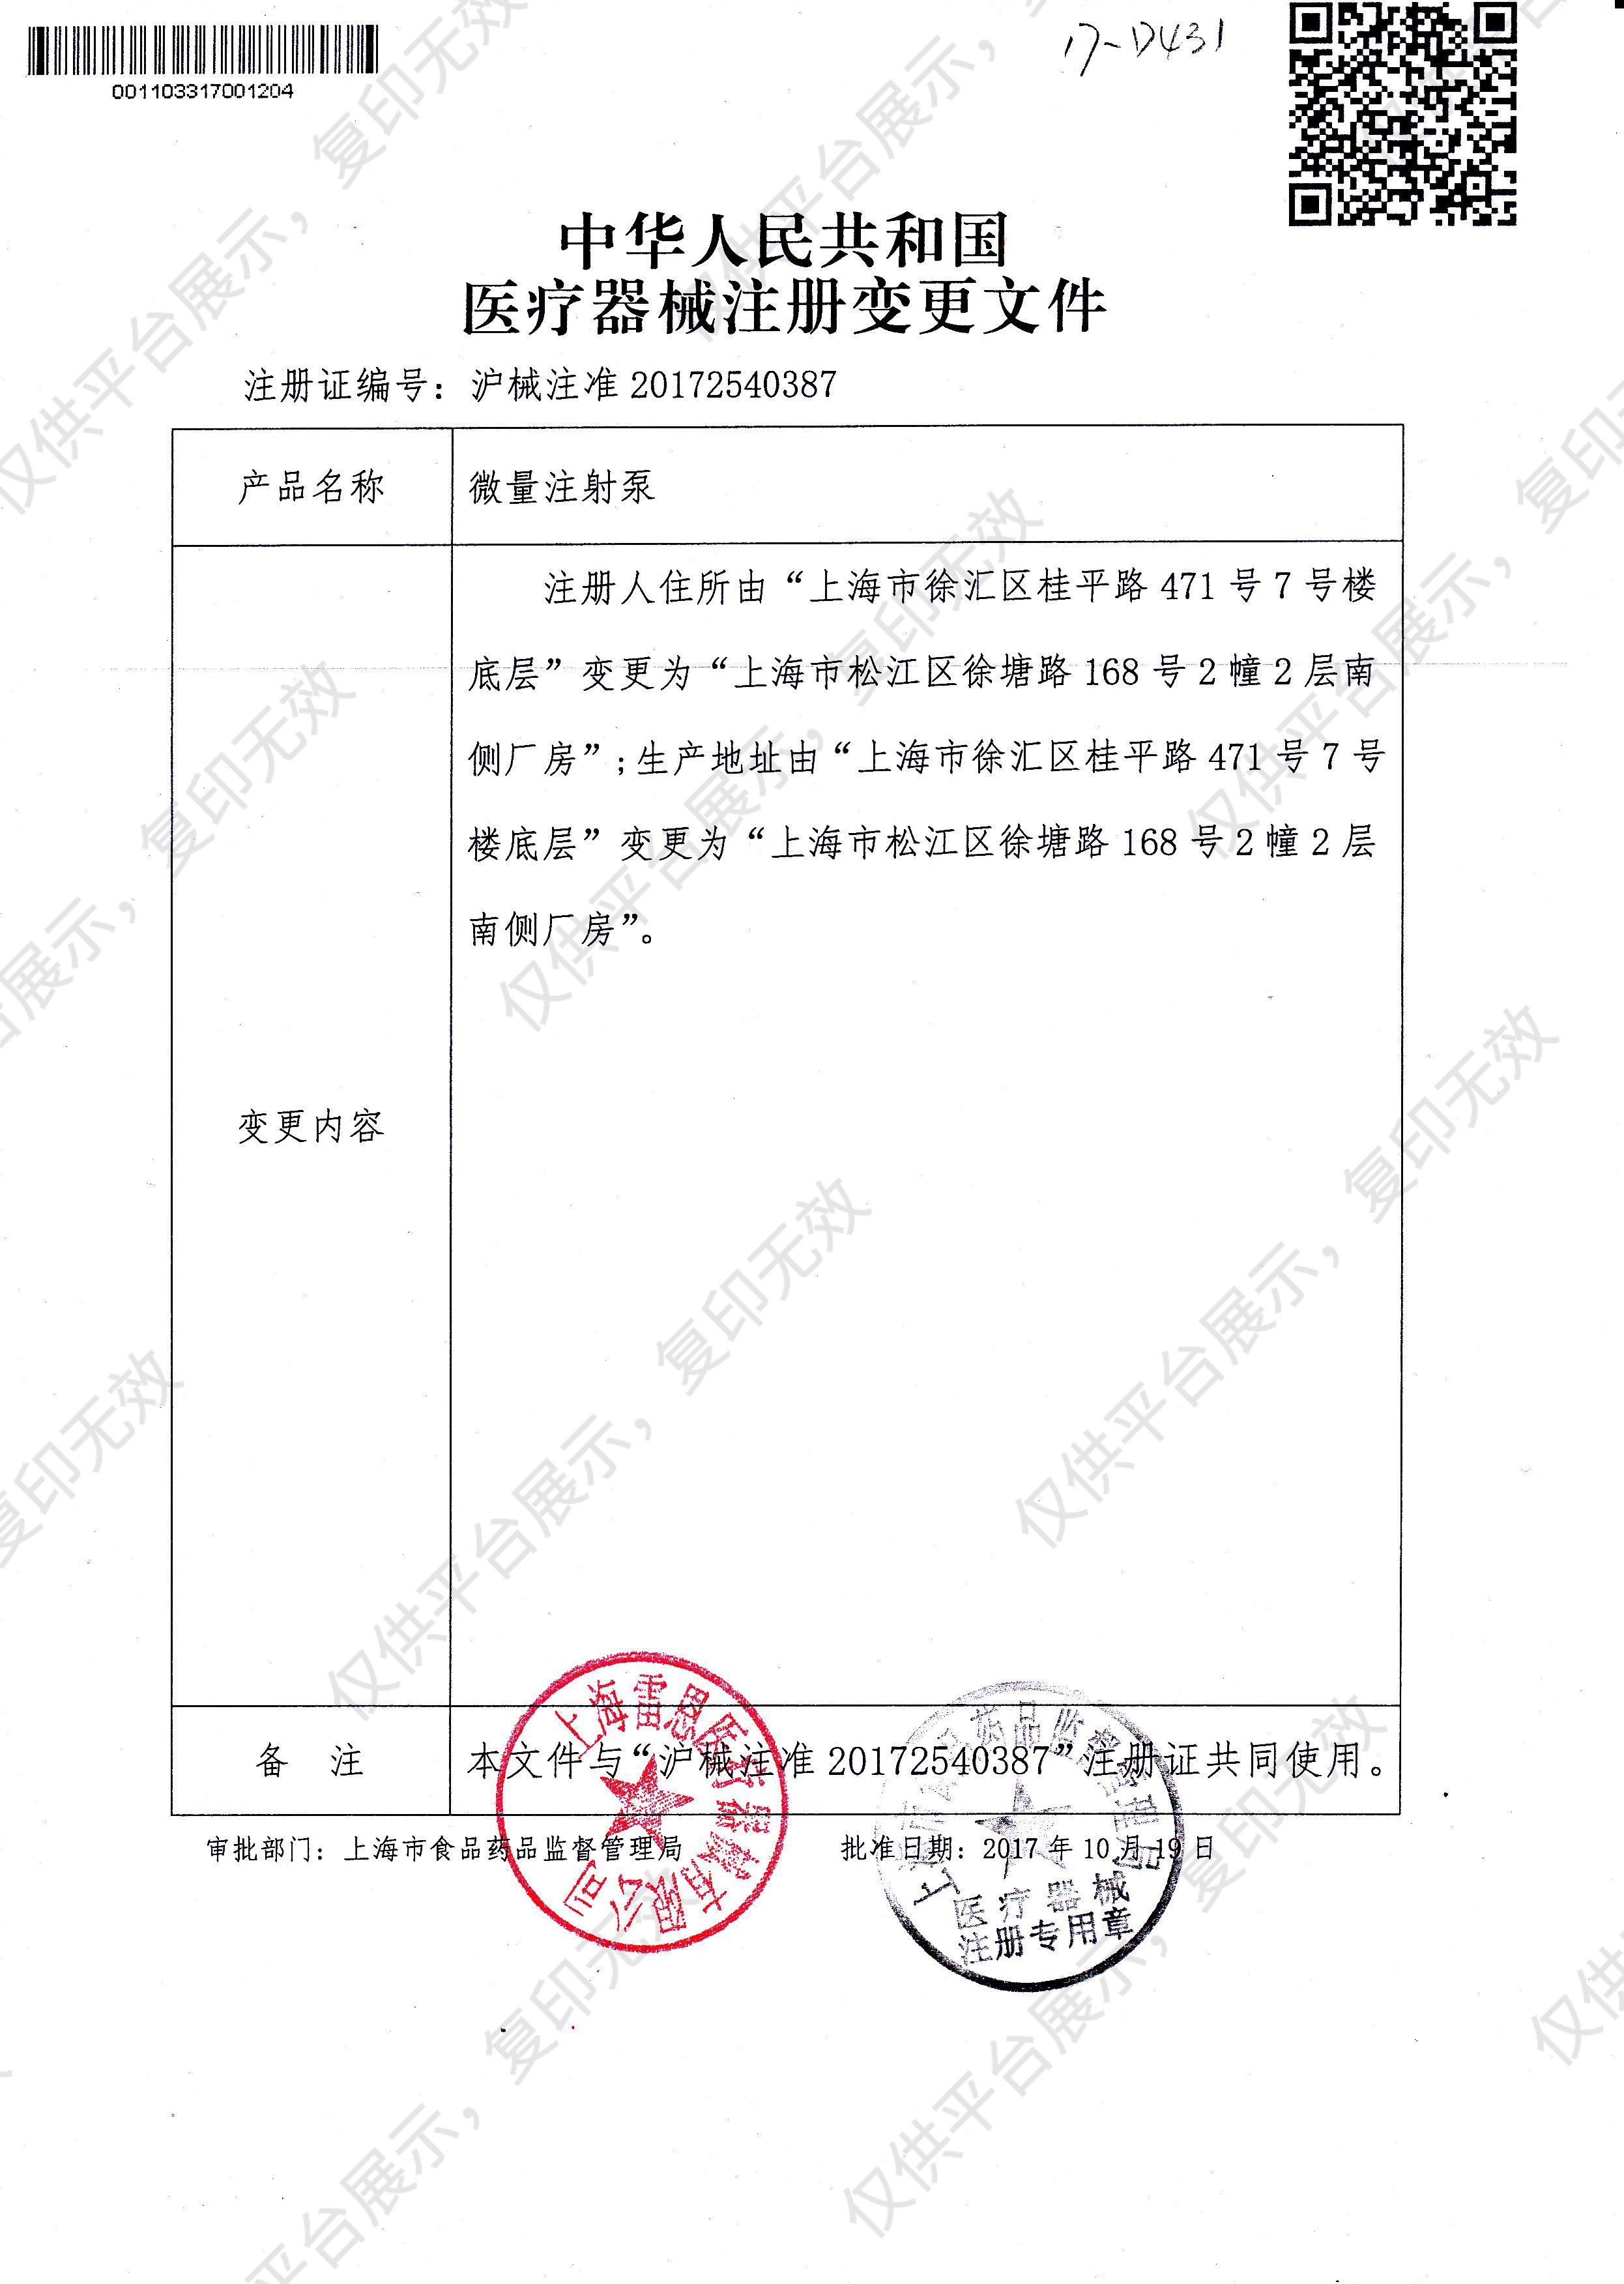 雷恩 微量注射泵 LINZ-9B注册证